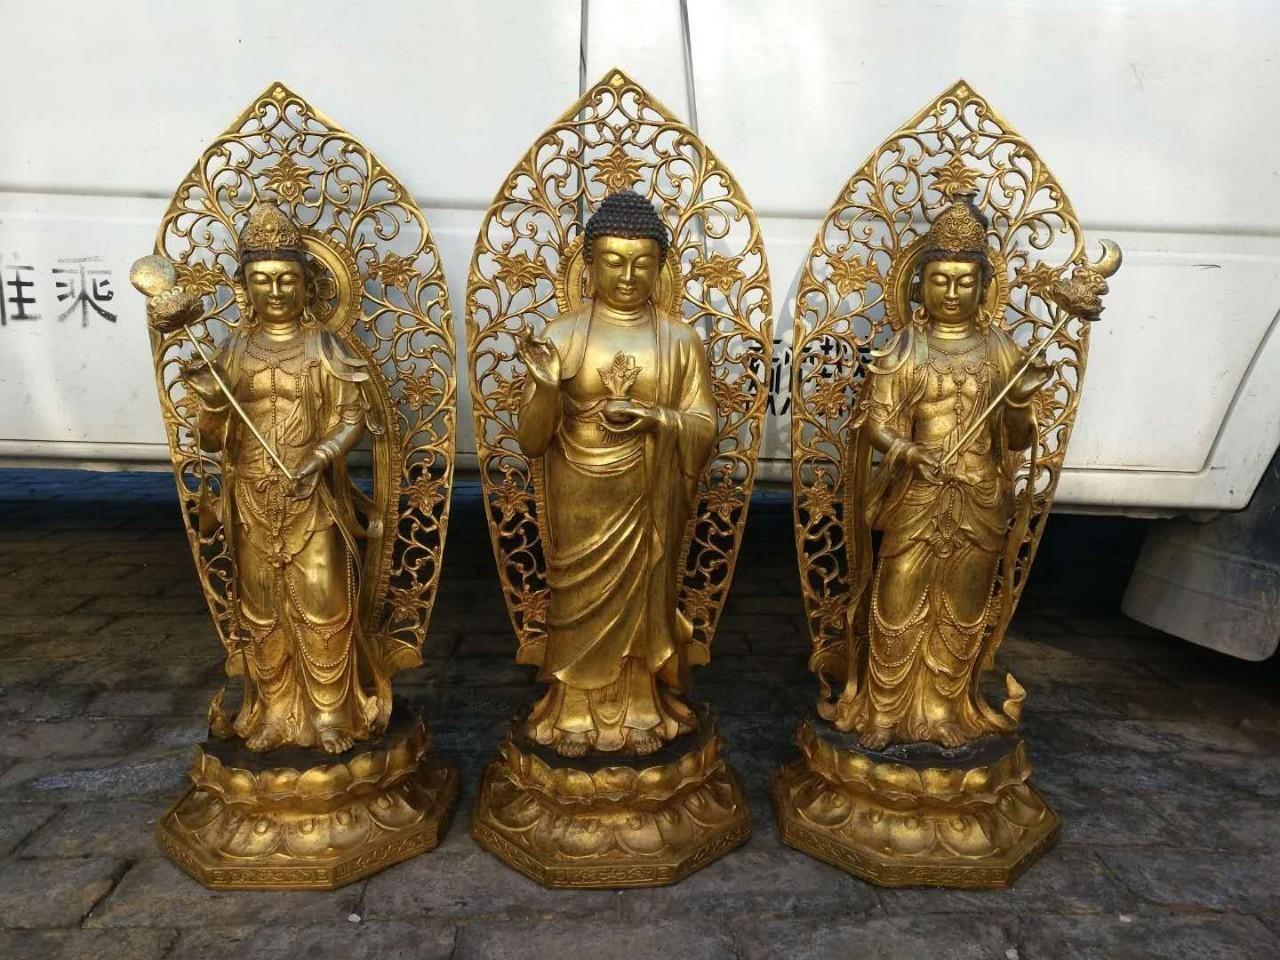 Đúc tượng Phật Tam Thế bằng đồng vàng đẹp